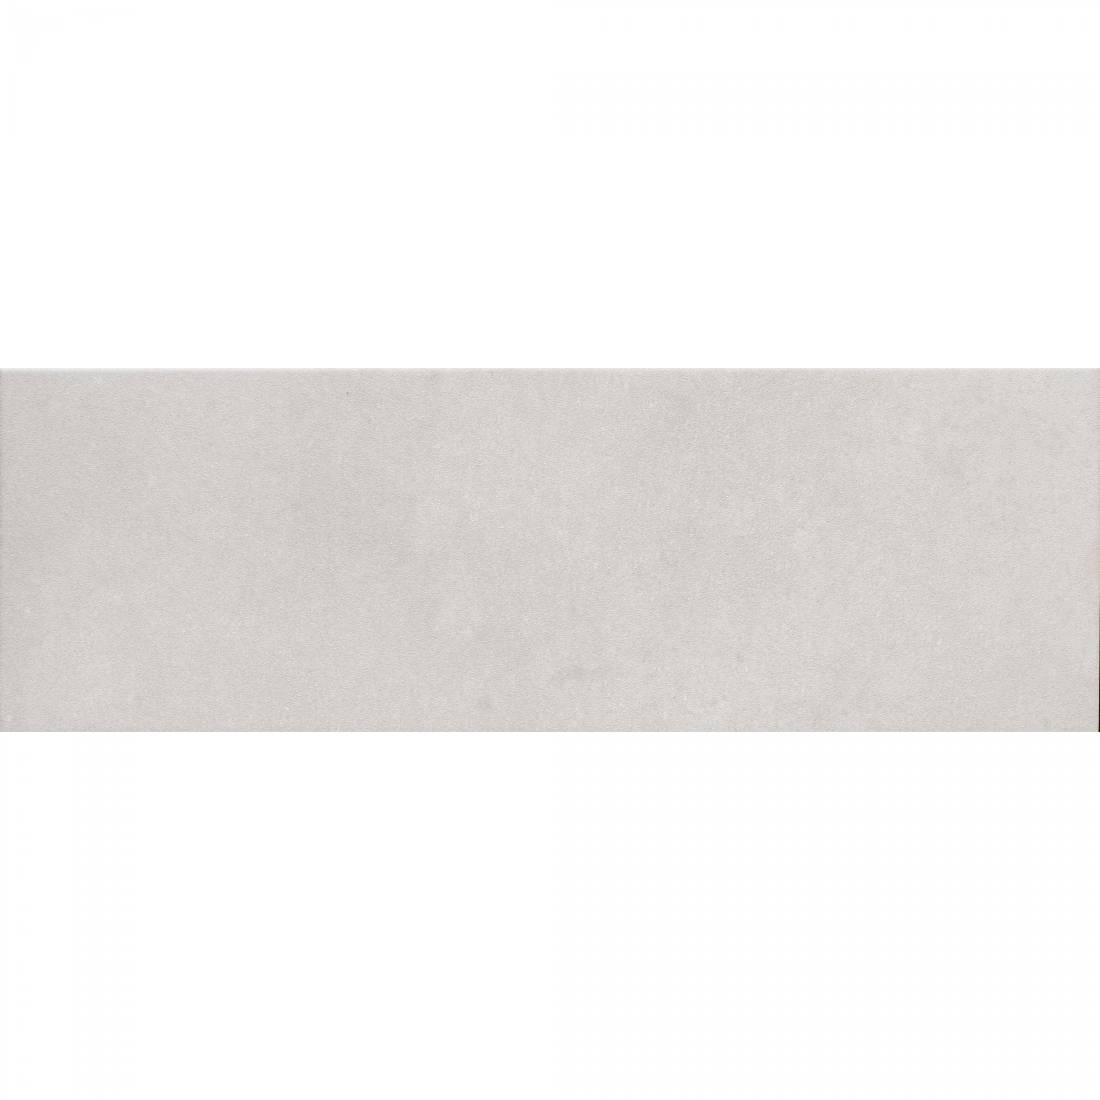 Judith 20x60 Blanco 1